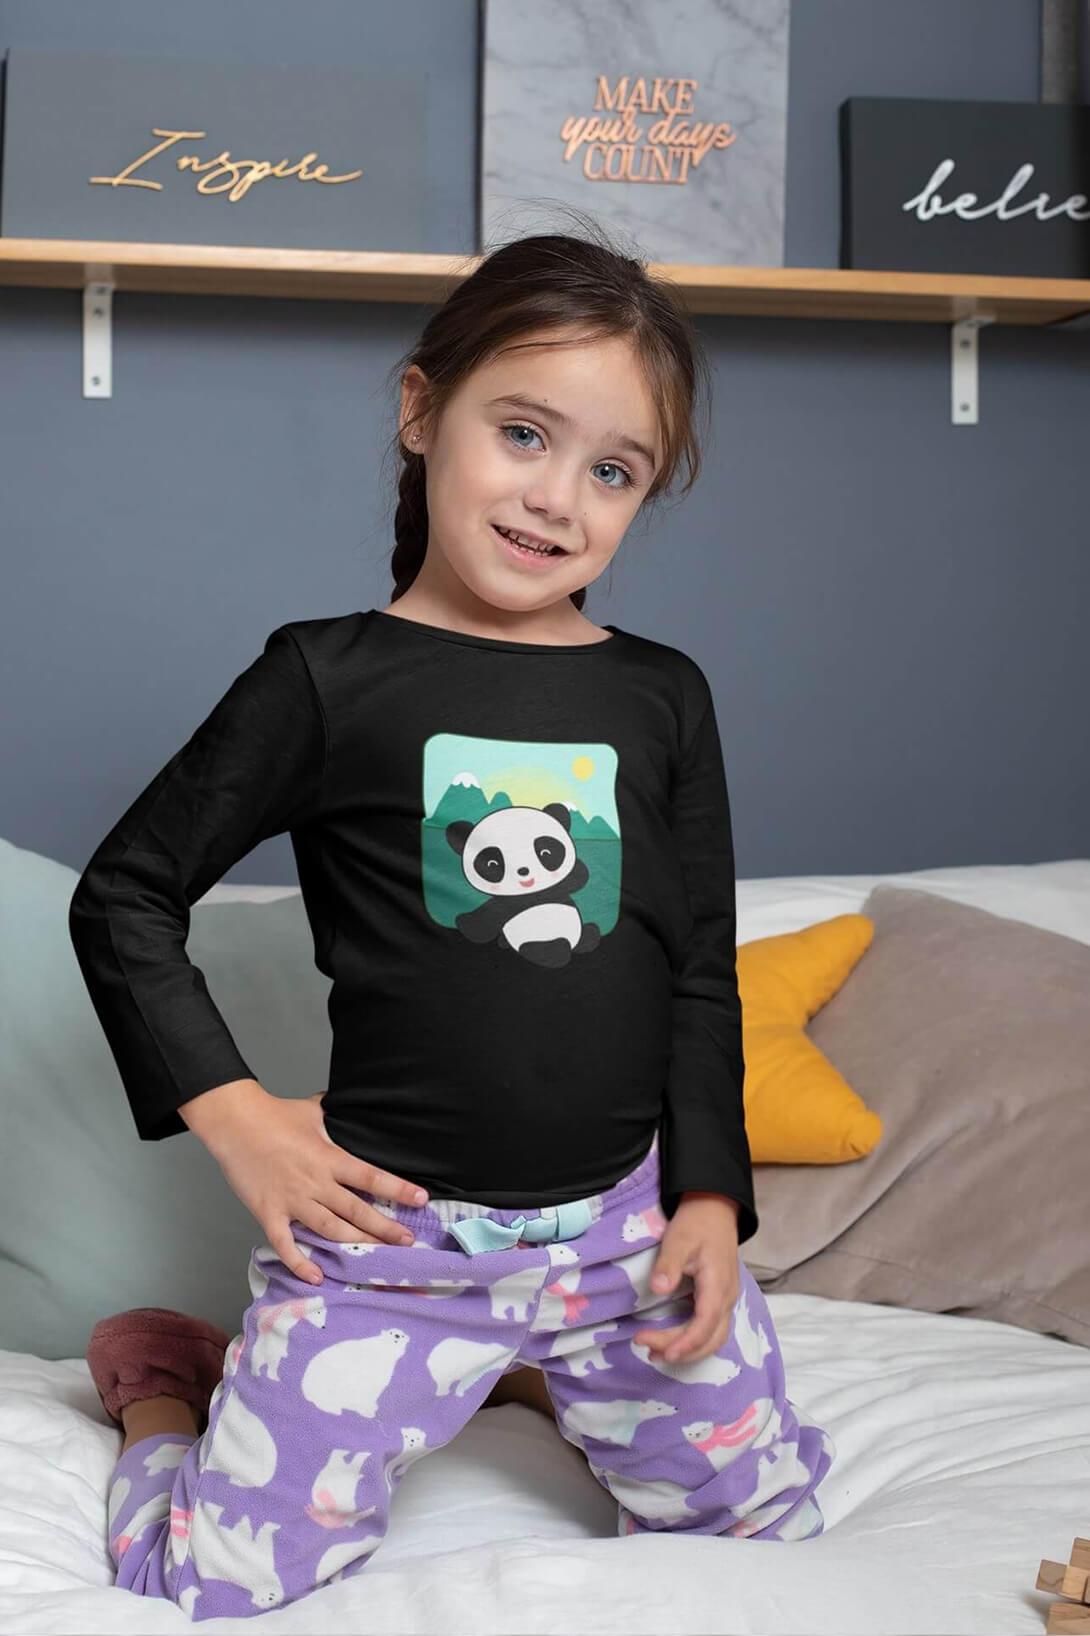 MMO Detské tričko s dlhým rukávom Panda Vyberte farbu:: Čierna, Detská veľkosť: 158/12 rokov